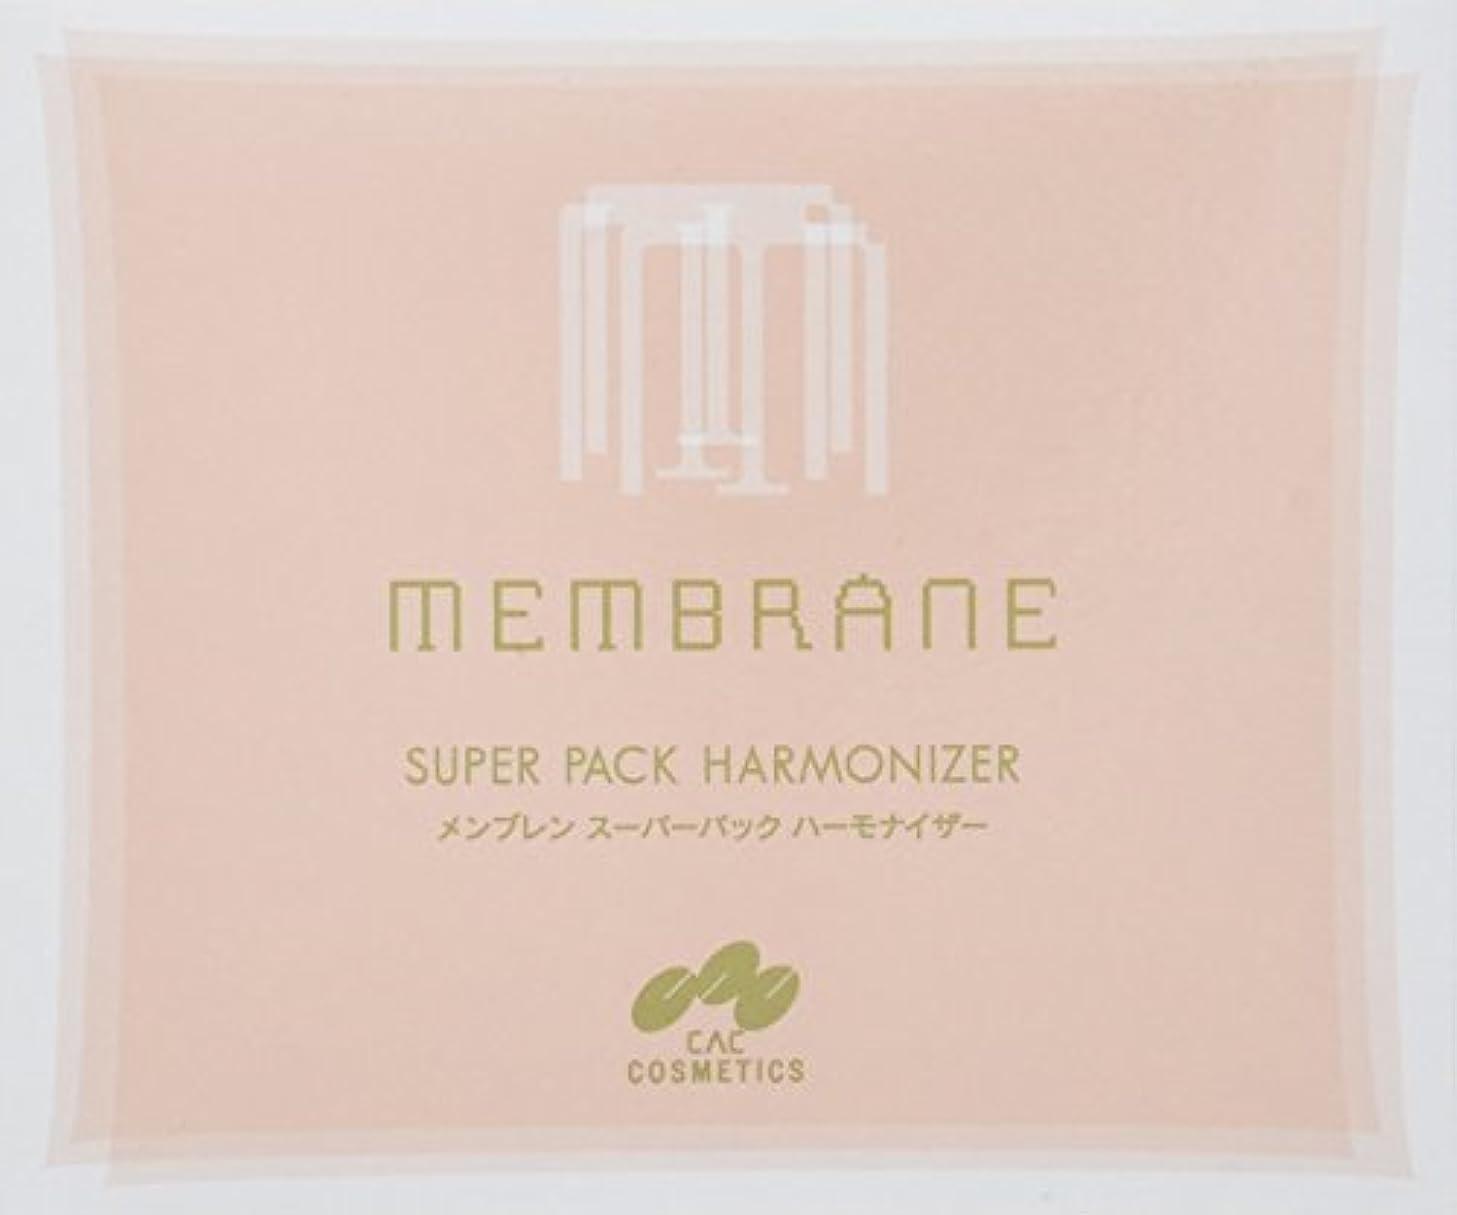 メカニッククマノミコショウCAC メンブレン スーパーパックハーモナイザー 5ml x 30包